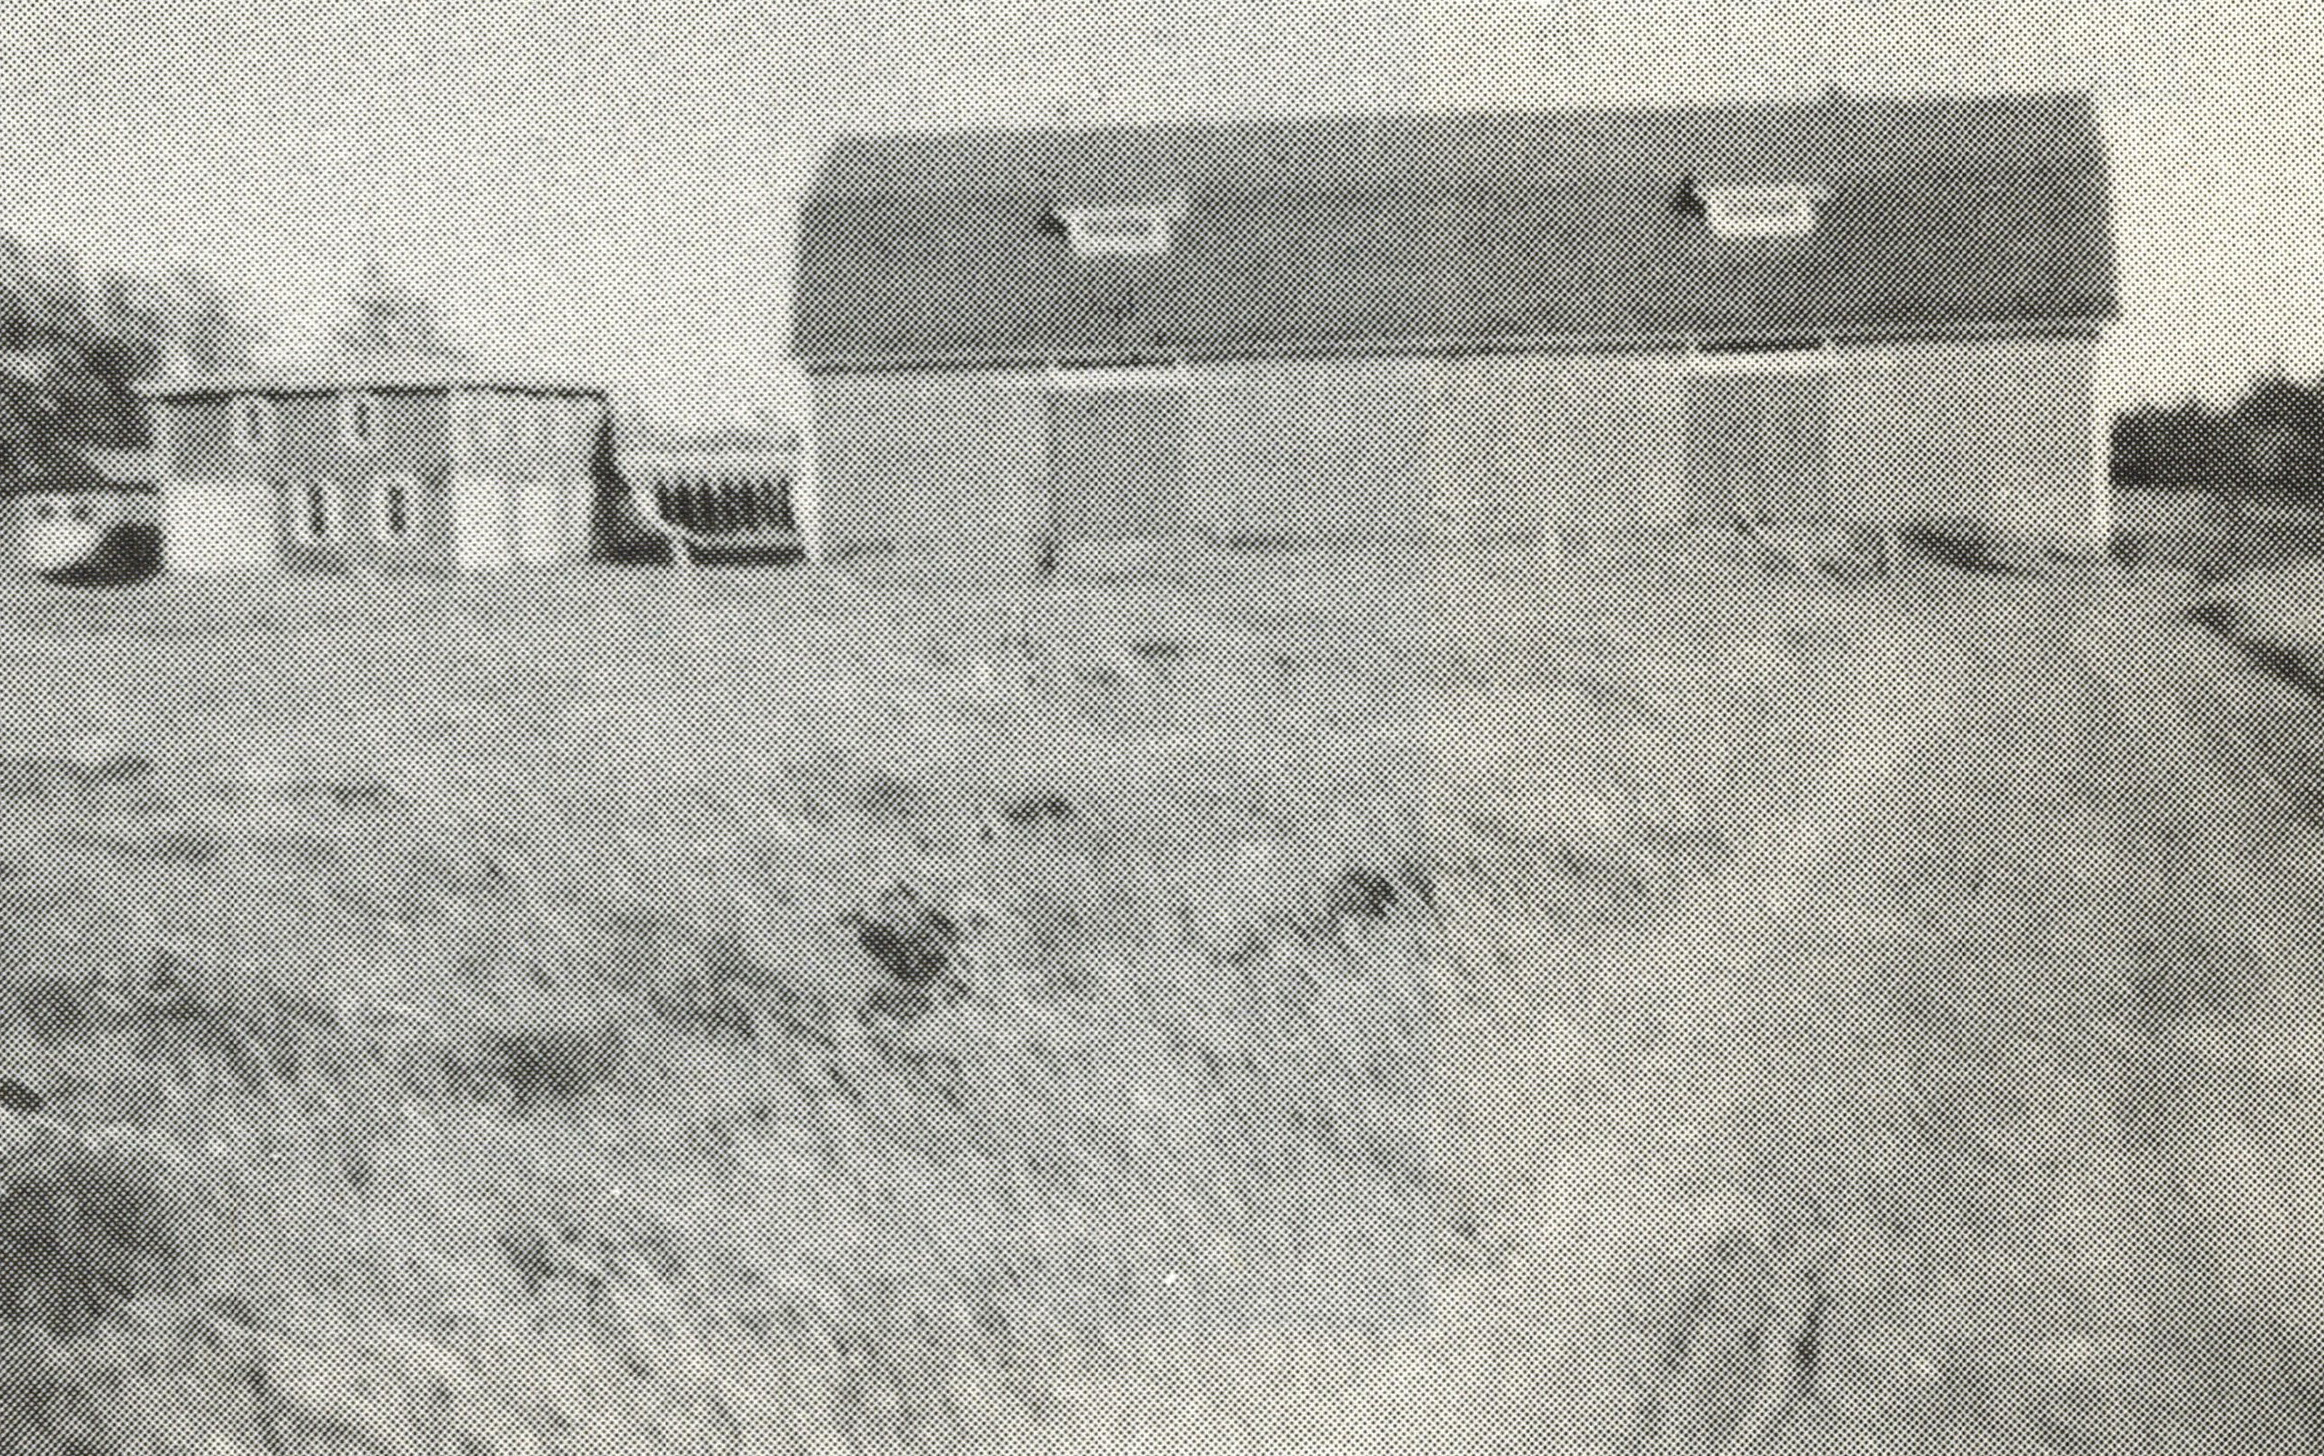 Ancienne photo en noir et blanc d'une grange et d'un champ